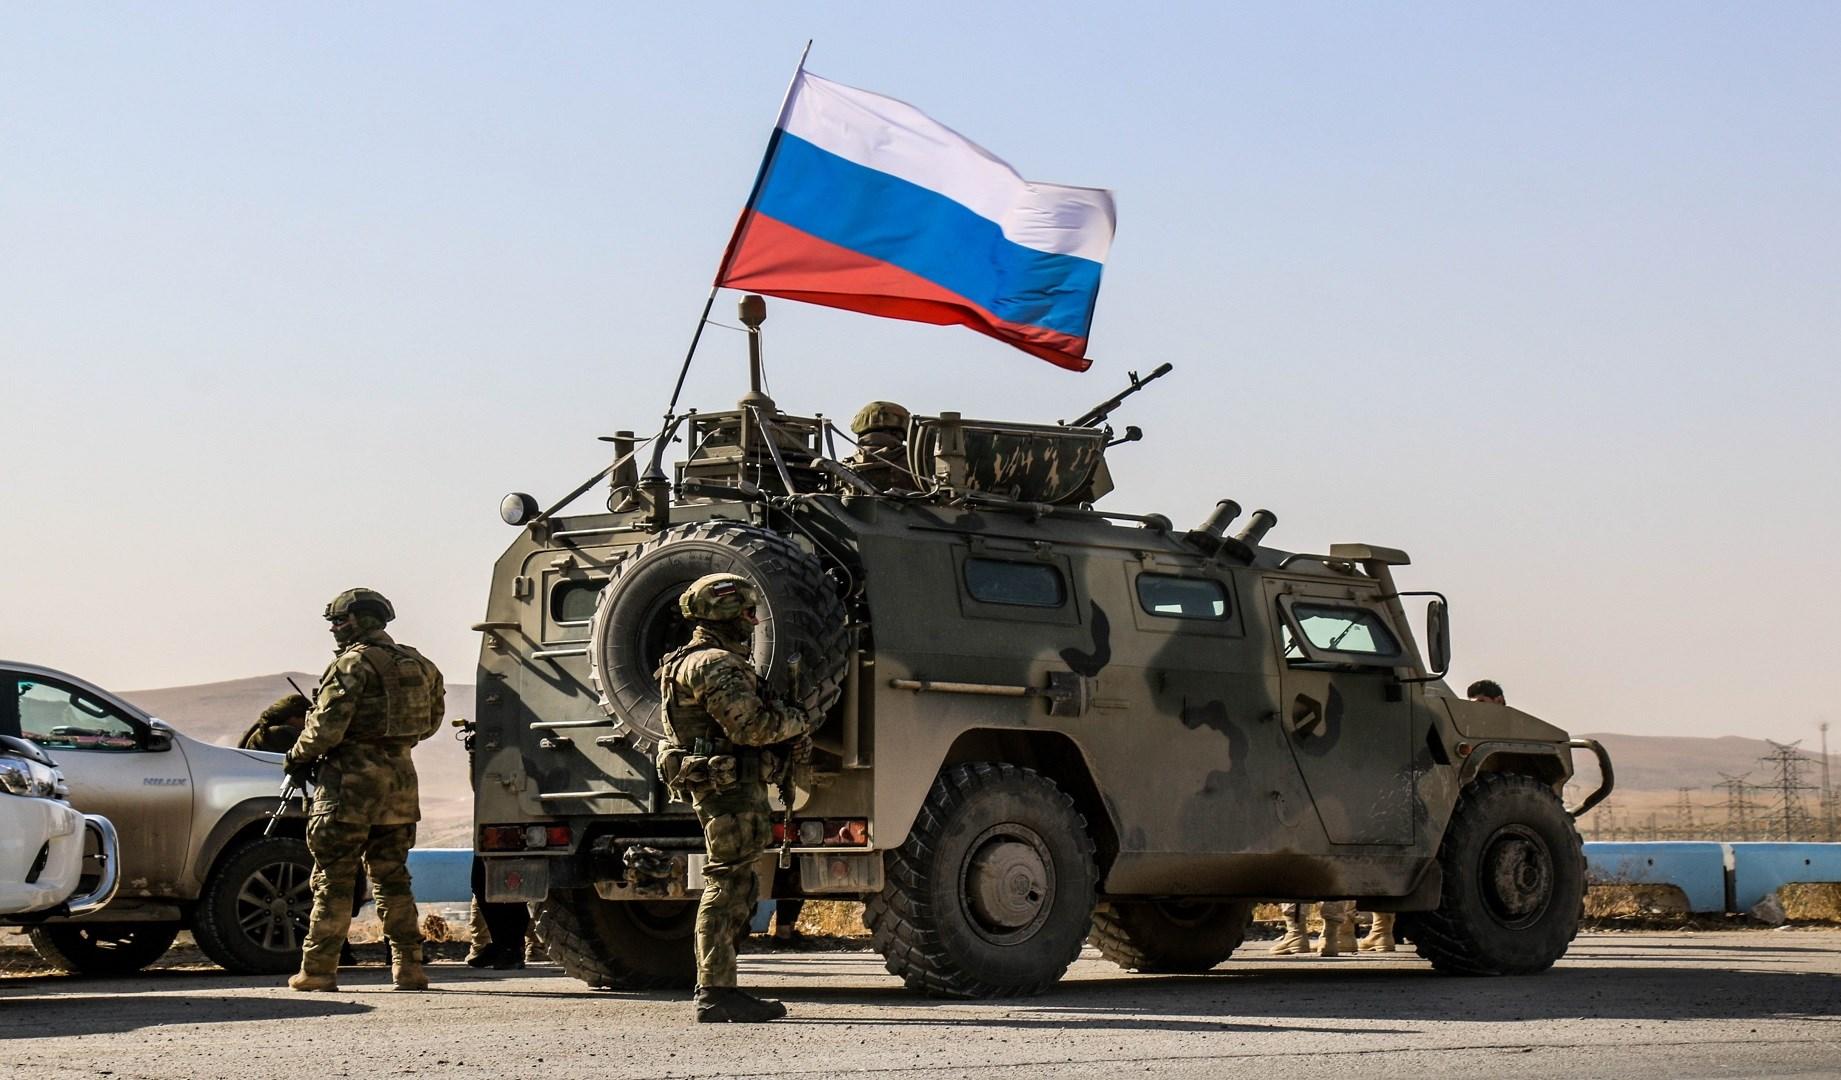 روسيا توجه إهانة للأسد وتصدر أوامرها باعتقال عدد من ضباطه في مدينة حلب